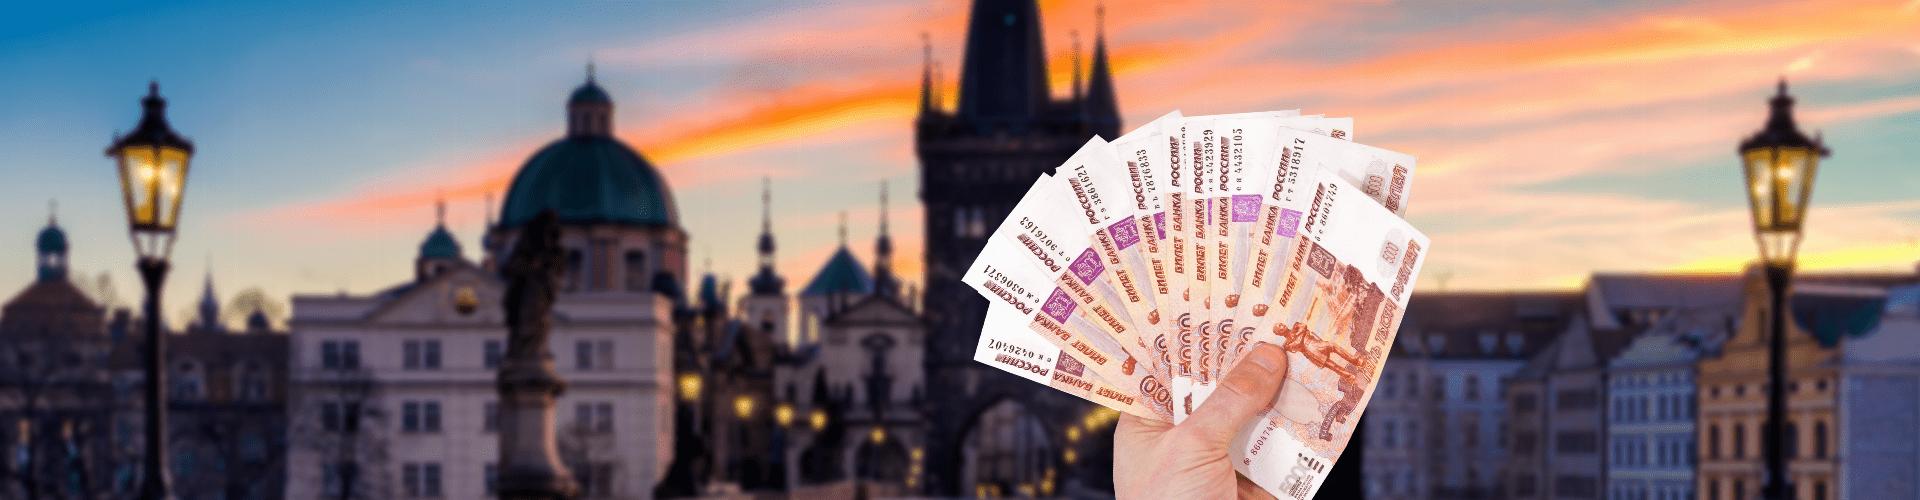 прага, чехия, деньги, путешествия